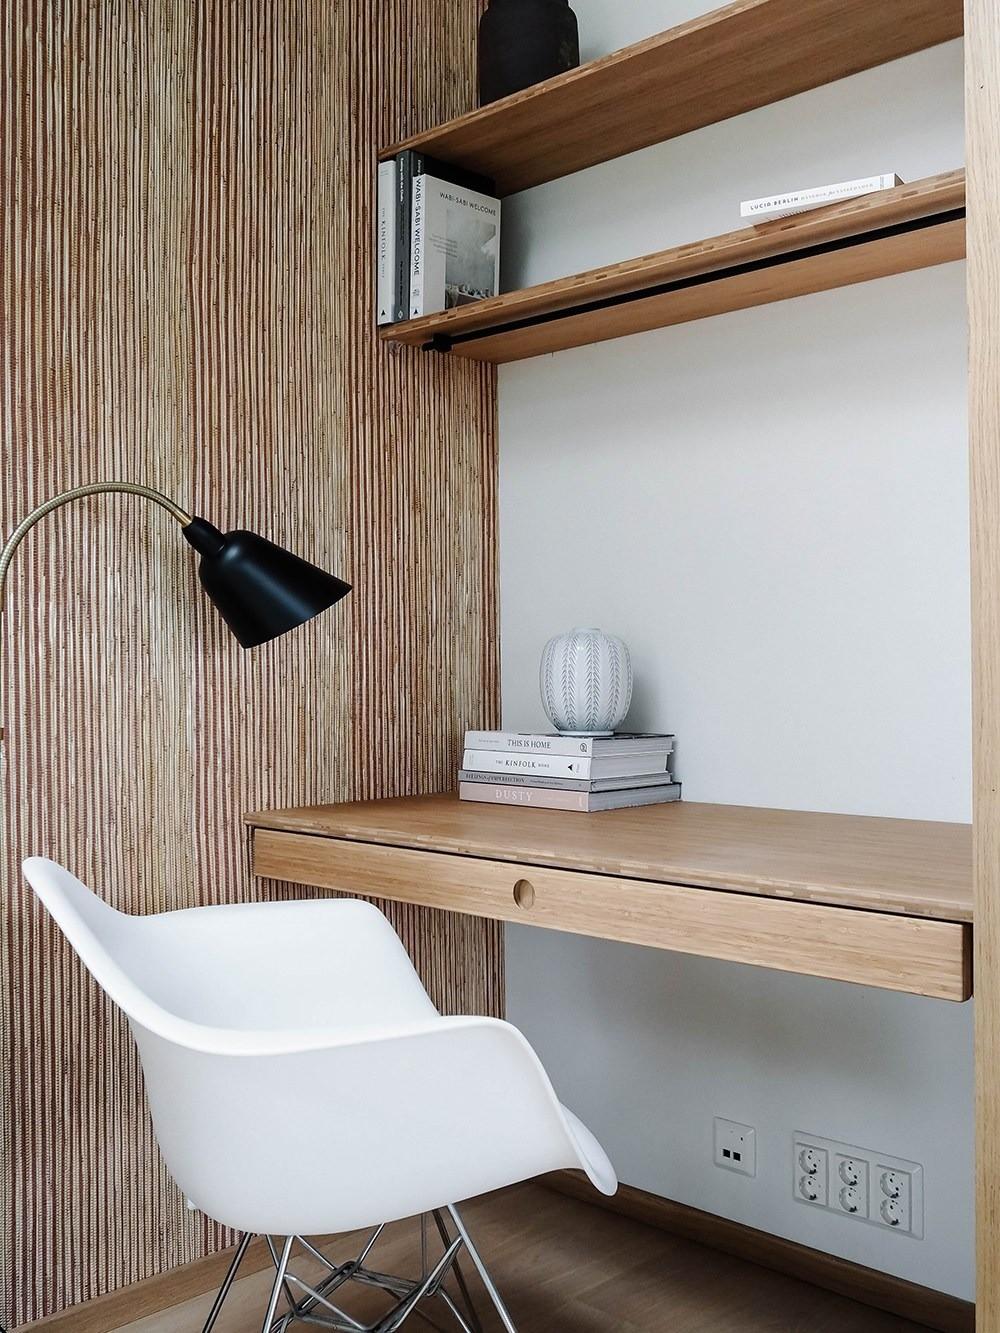 Не особо сложен в уходе, поможет создать оригинальную акцентную стену (решив проблему зонирования) и впишется в большинство современных интерьерных стилей.